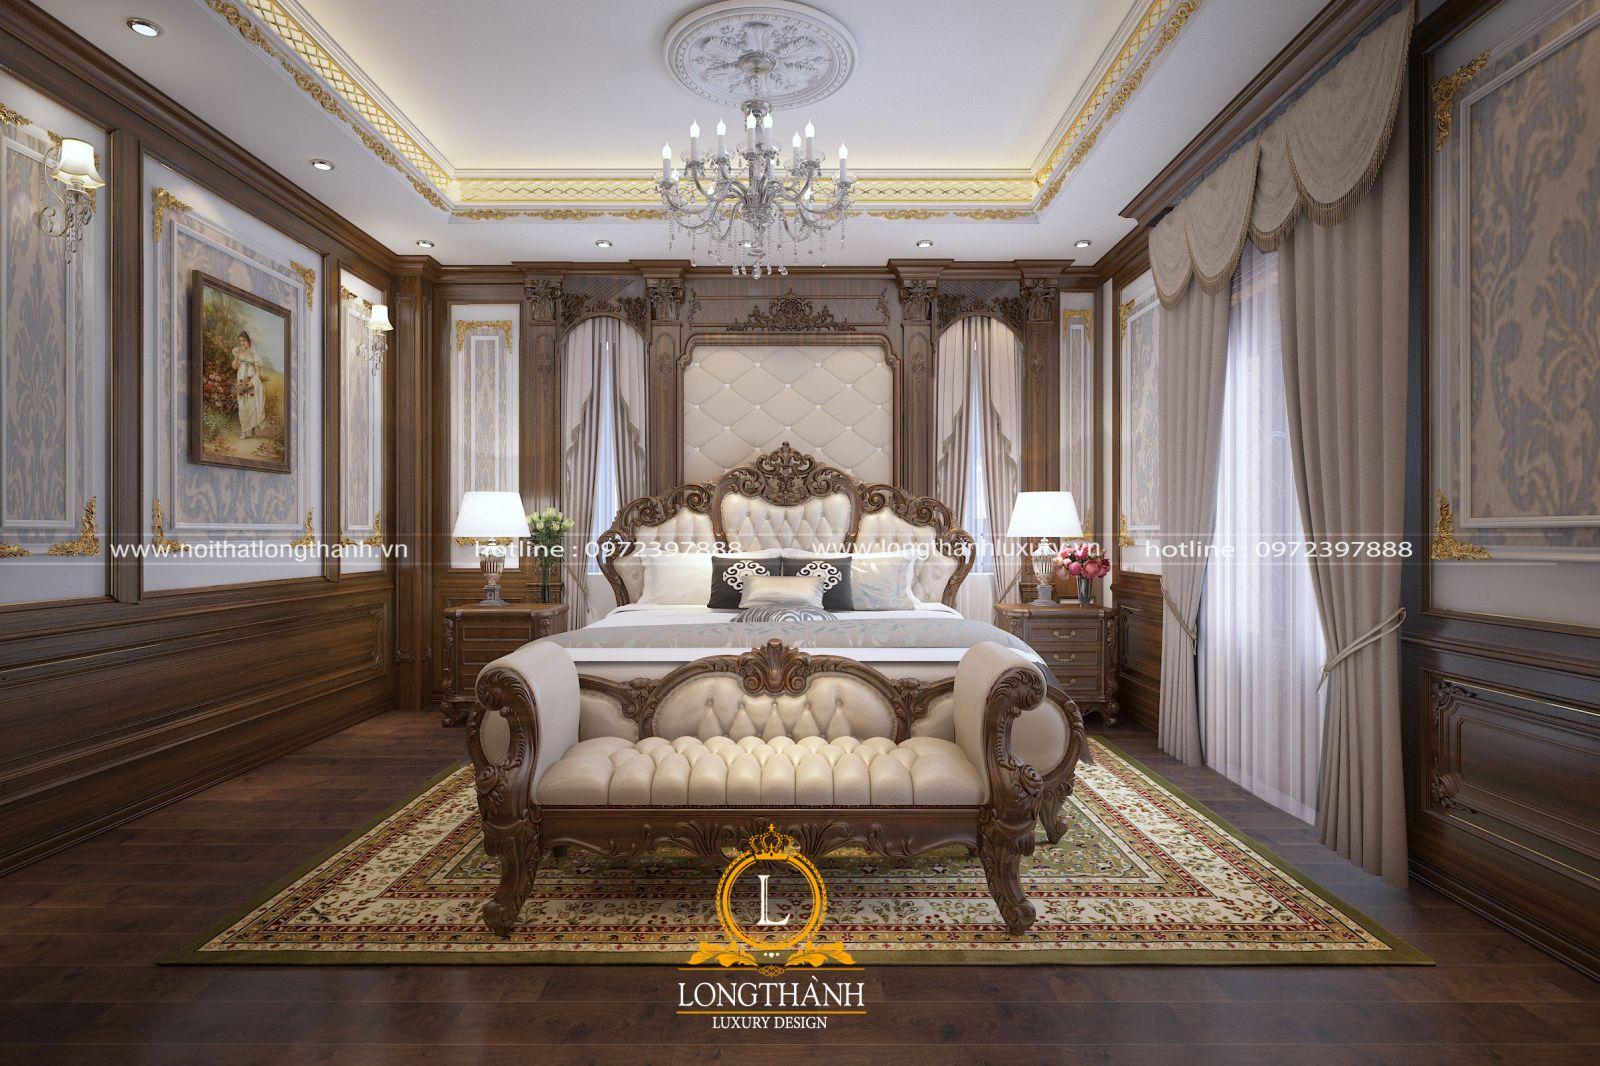 Phòng ngủ tân cổ điển cao cấp tiện nghi